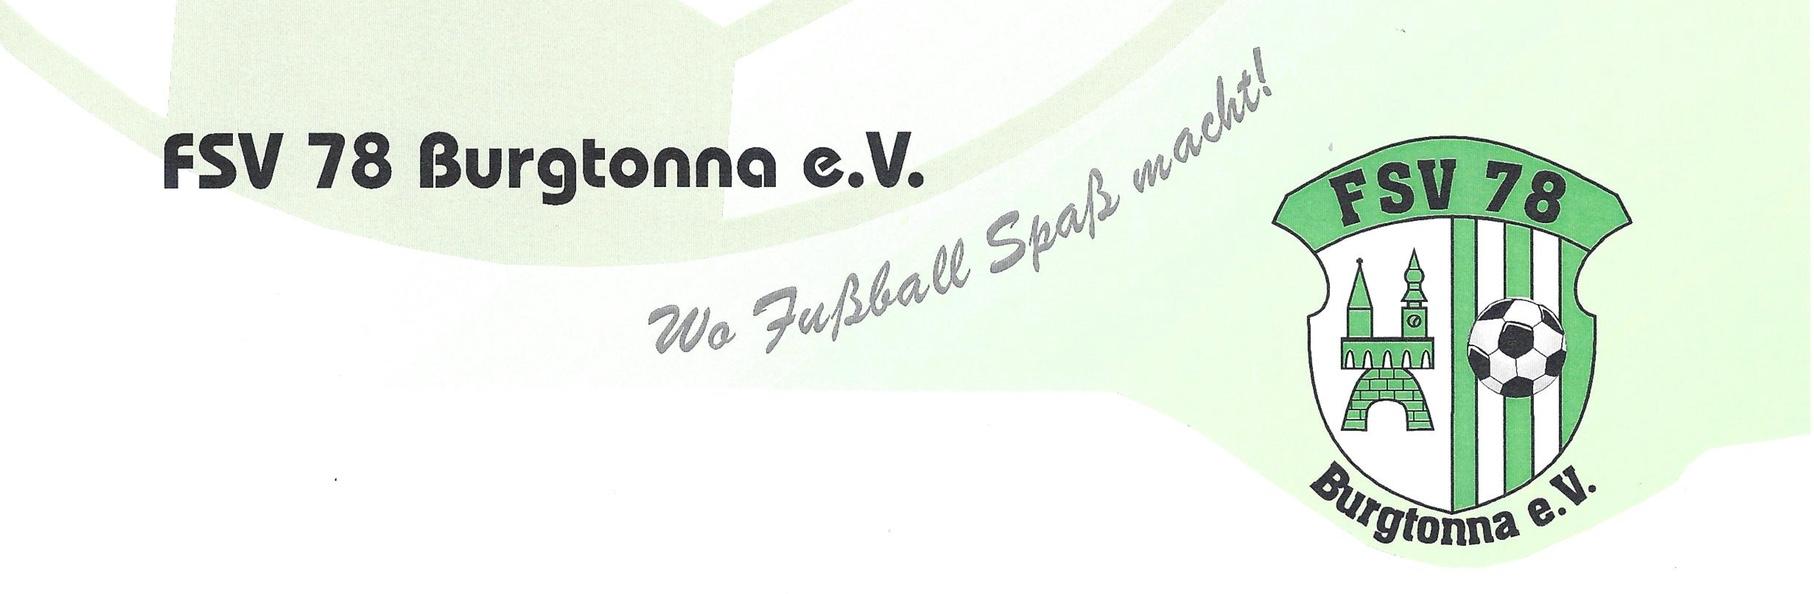 FSV78 Burgtonna e.v